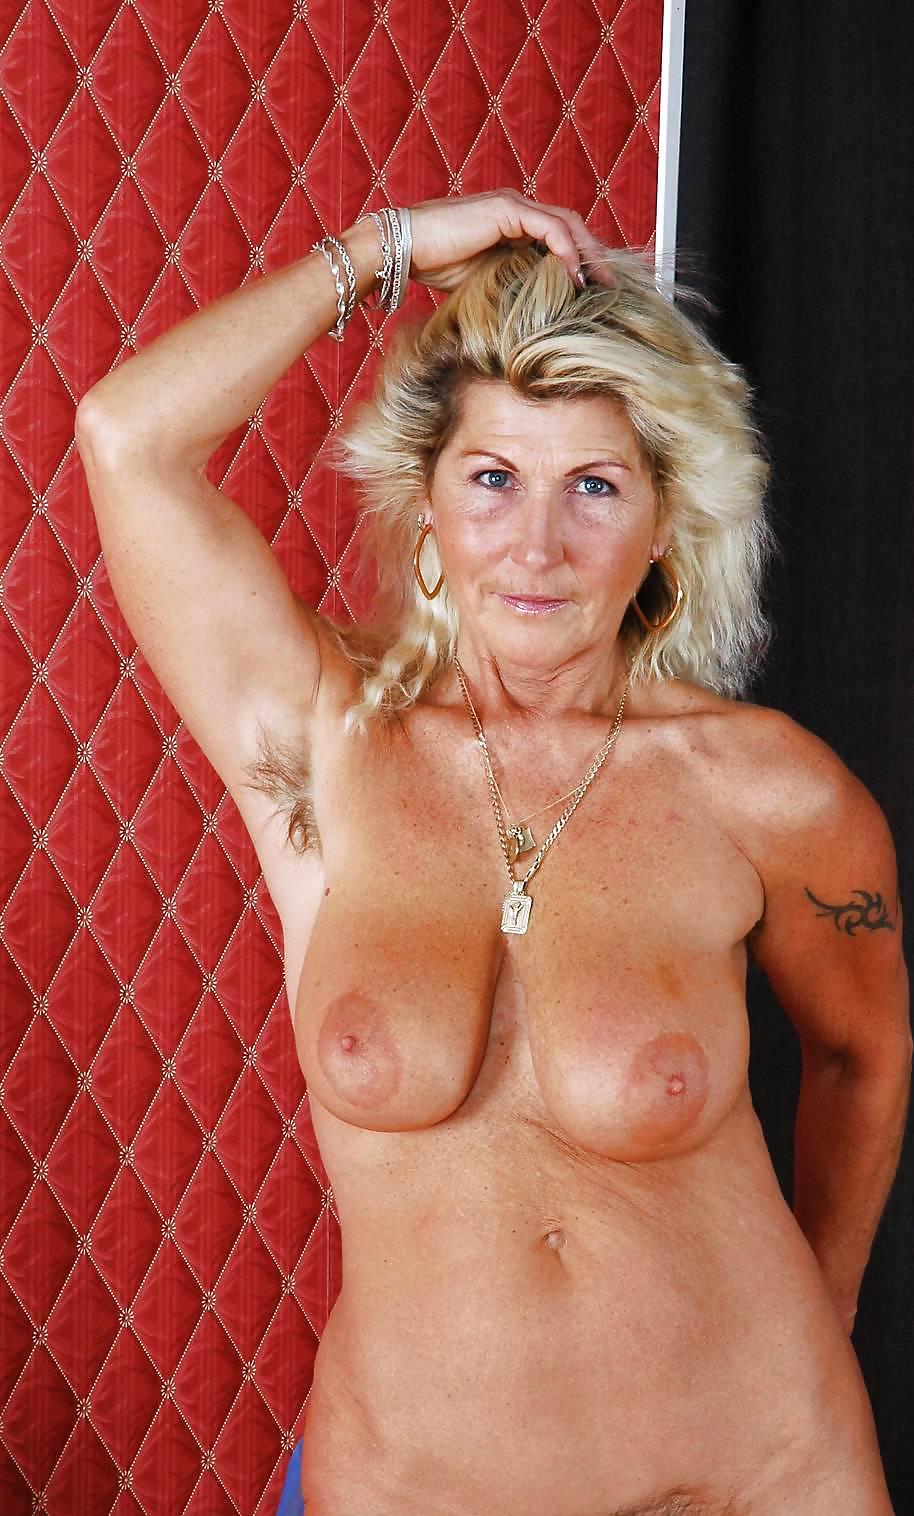 Hot mom.com